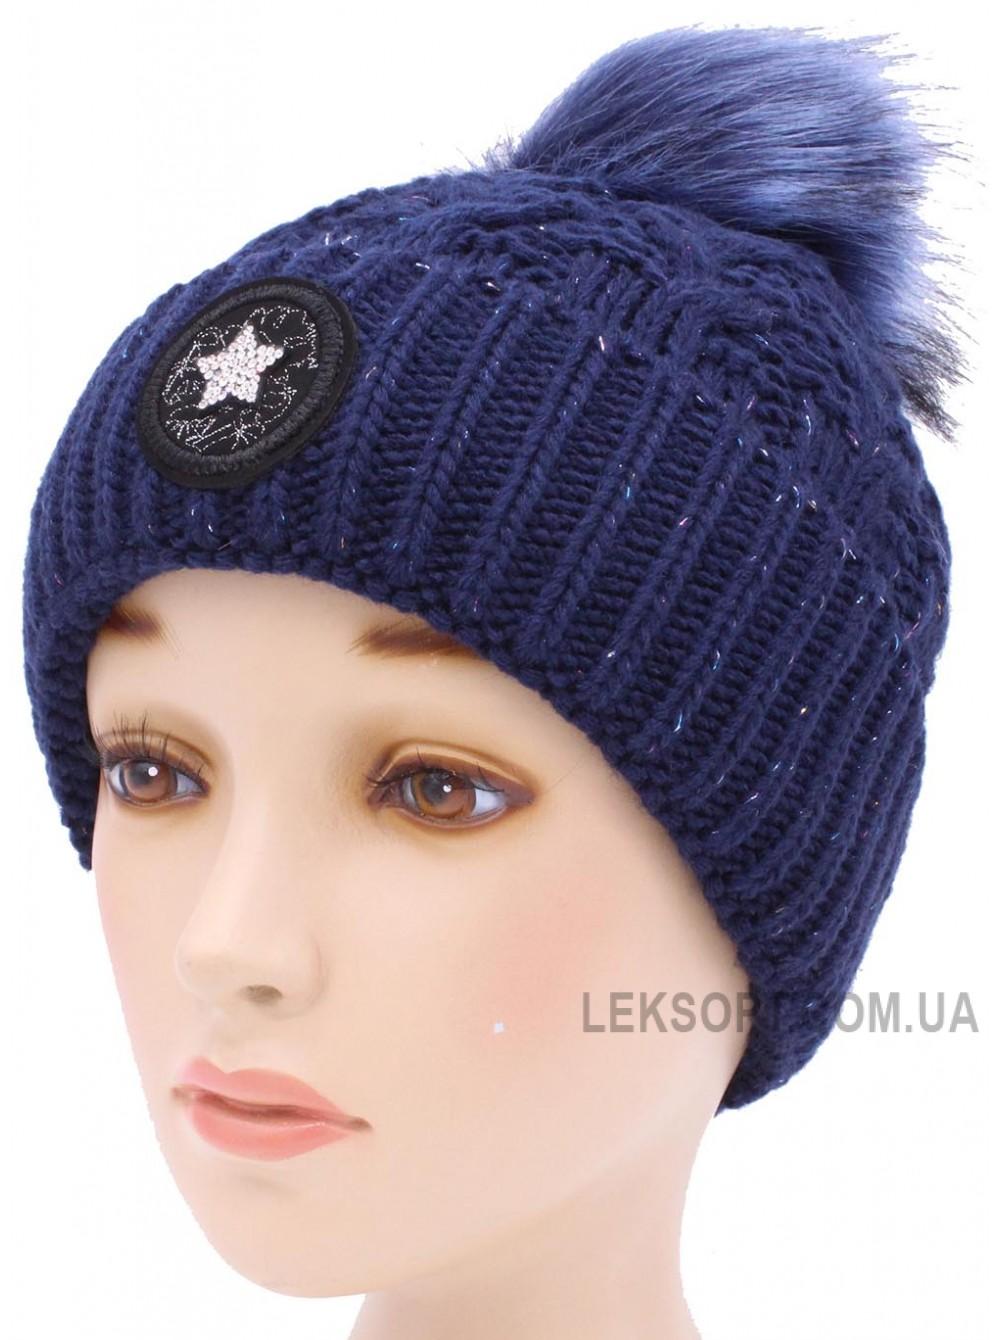 Детская вязаная шапка Мэри D55134-48-52